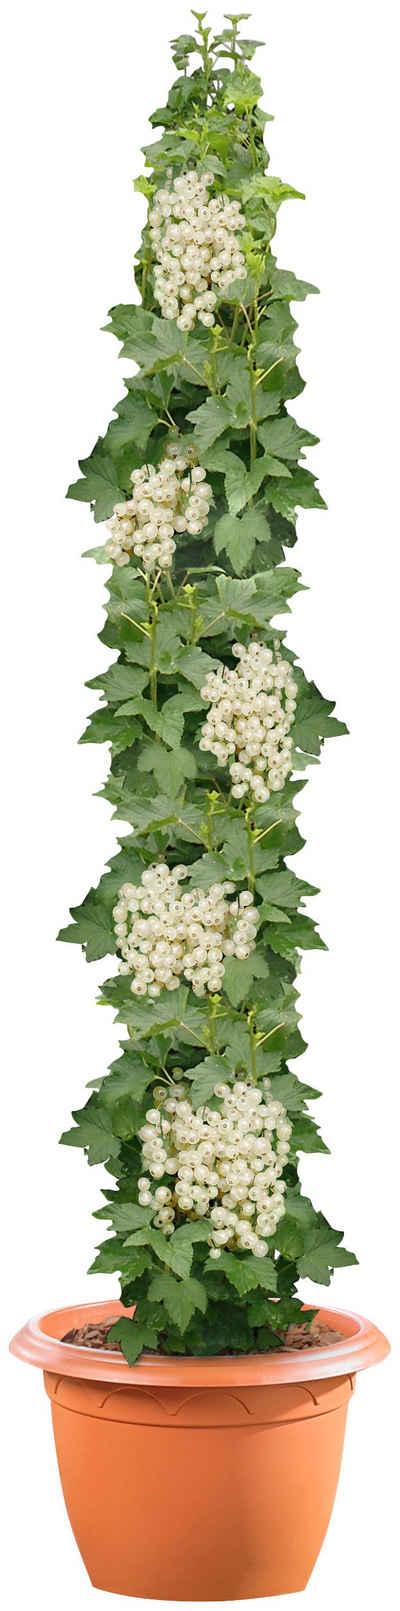 BCM Obstpflanze »Säulenobst Weiße Johannisbeere«, 50 cm Lieferhöhe